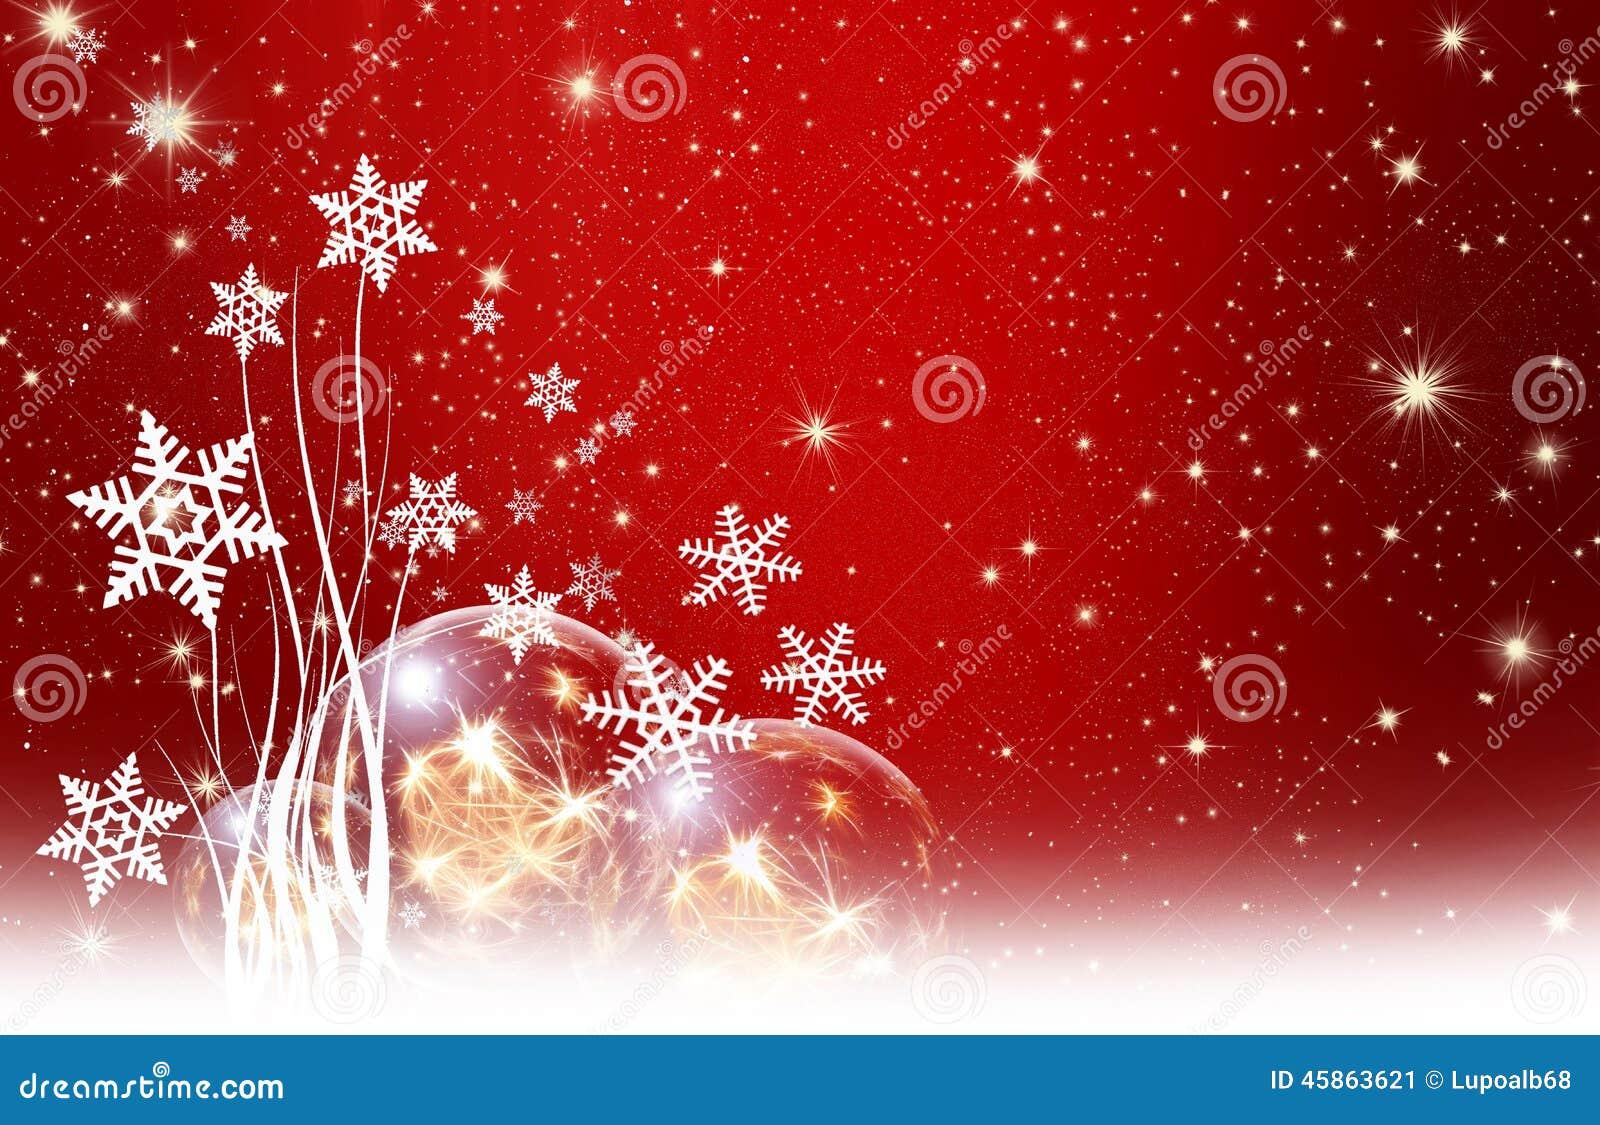 weihnachtsw nsche sterne hintergrund stockfoto bild 45863621. Black Bedroom Furniture Sets. Home Design Ideas